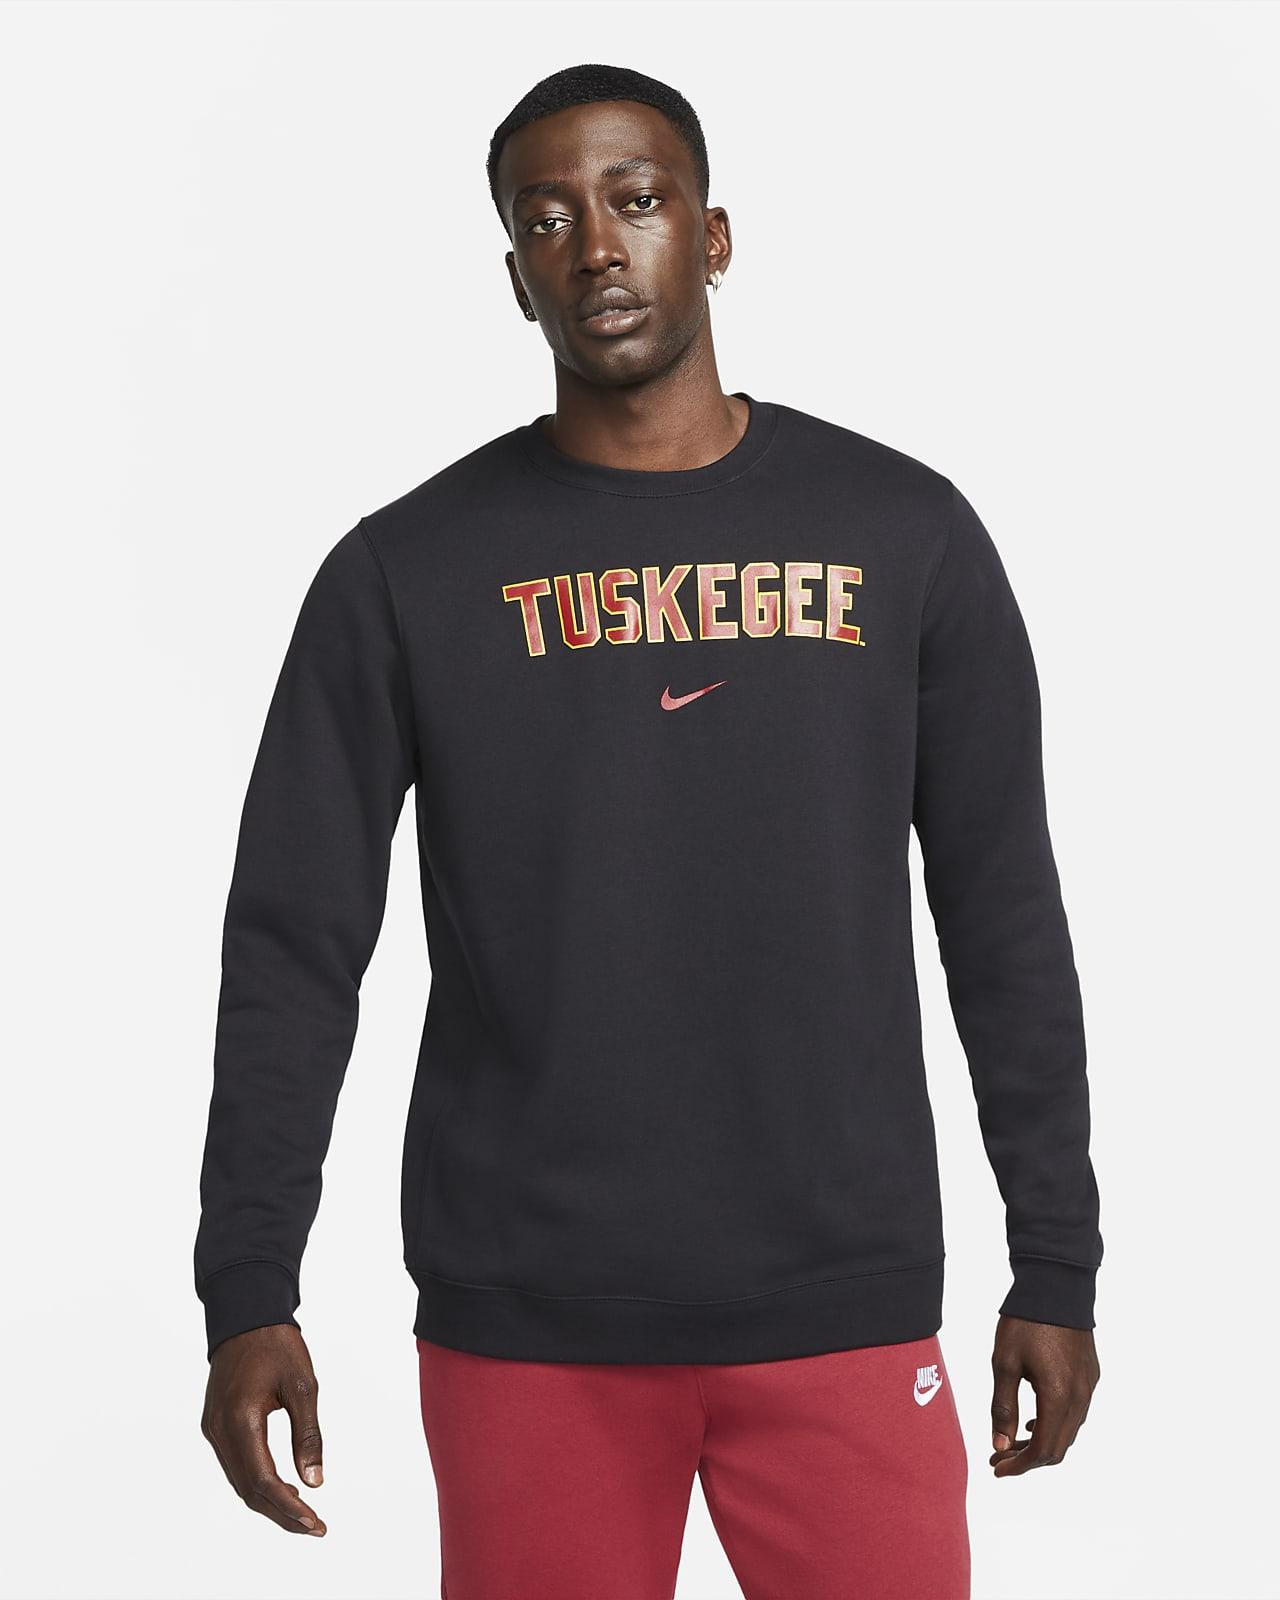 Nike College Club Fleece (Tuskegee) Crew Sweatshirt